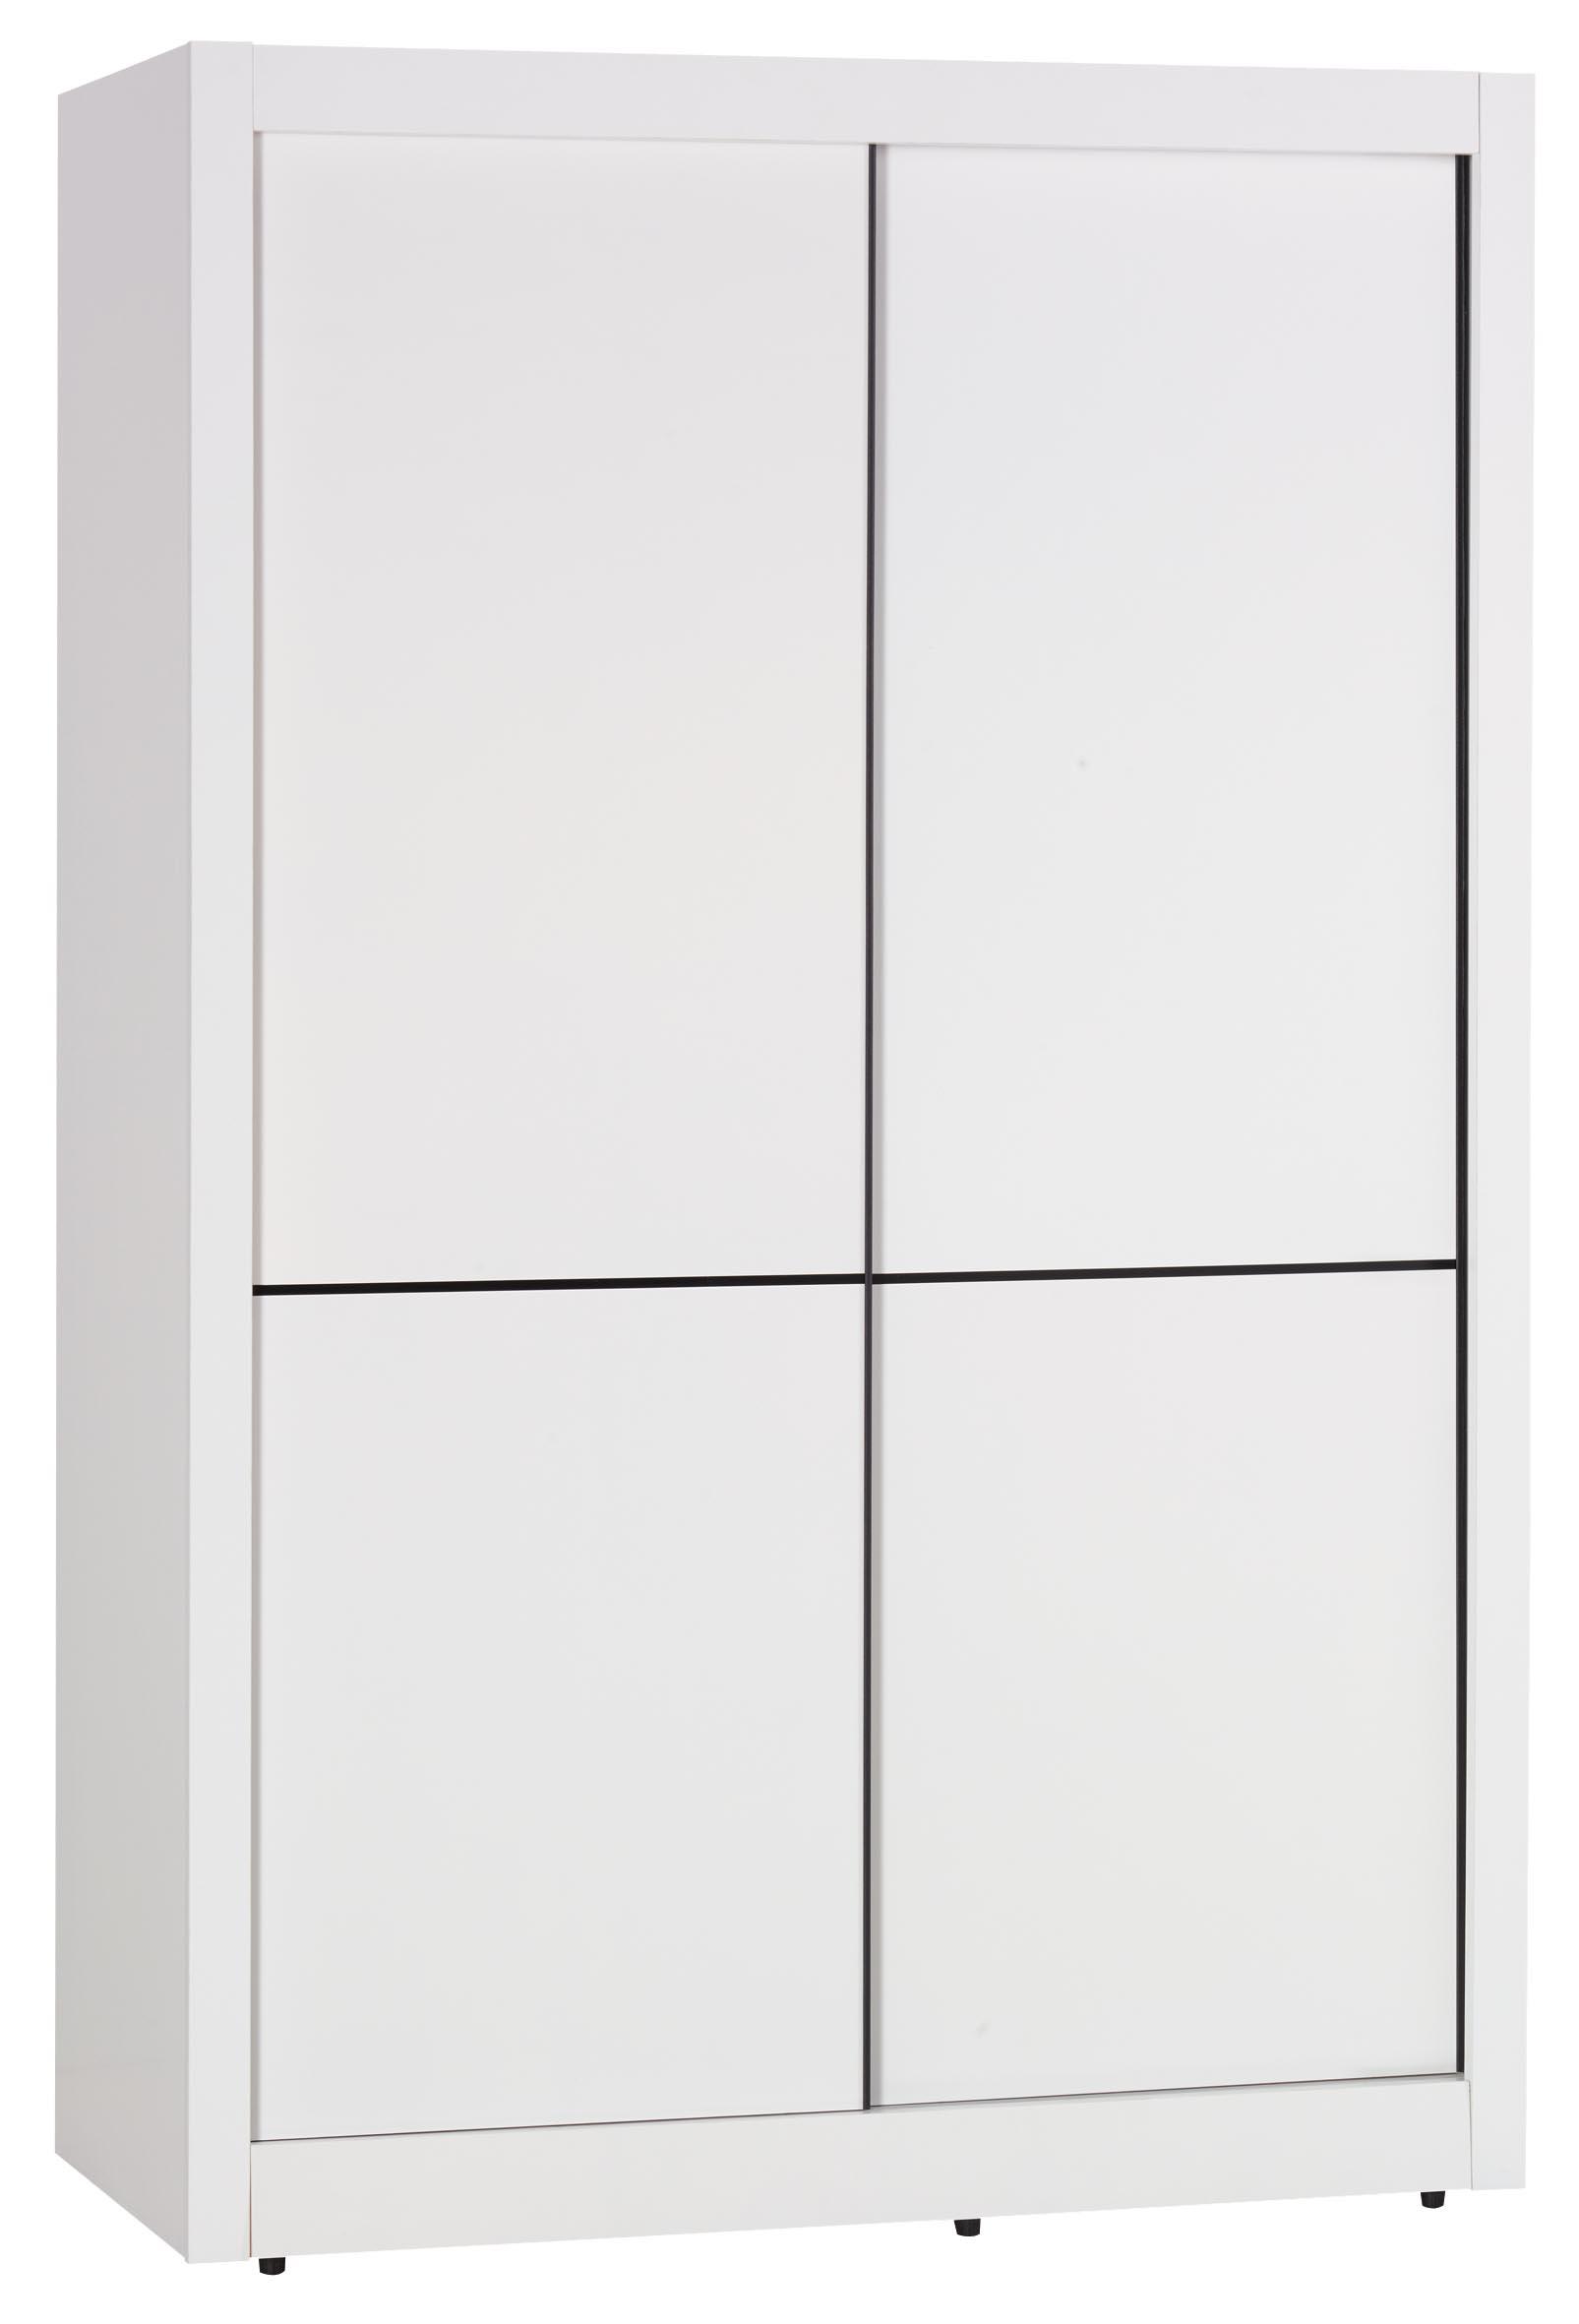 【簡單家具】,S19-9 雪白4尺推門衣櫥/推門衣櫃(另售6尺),大台北都會區免運費!